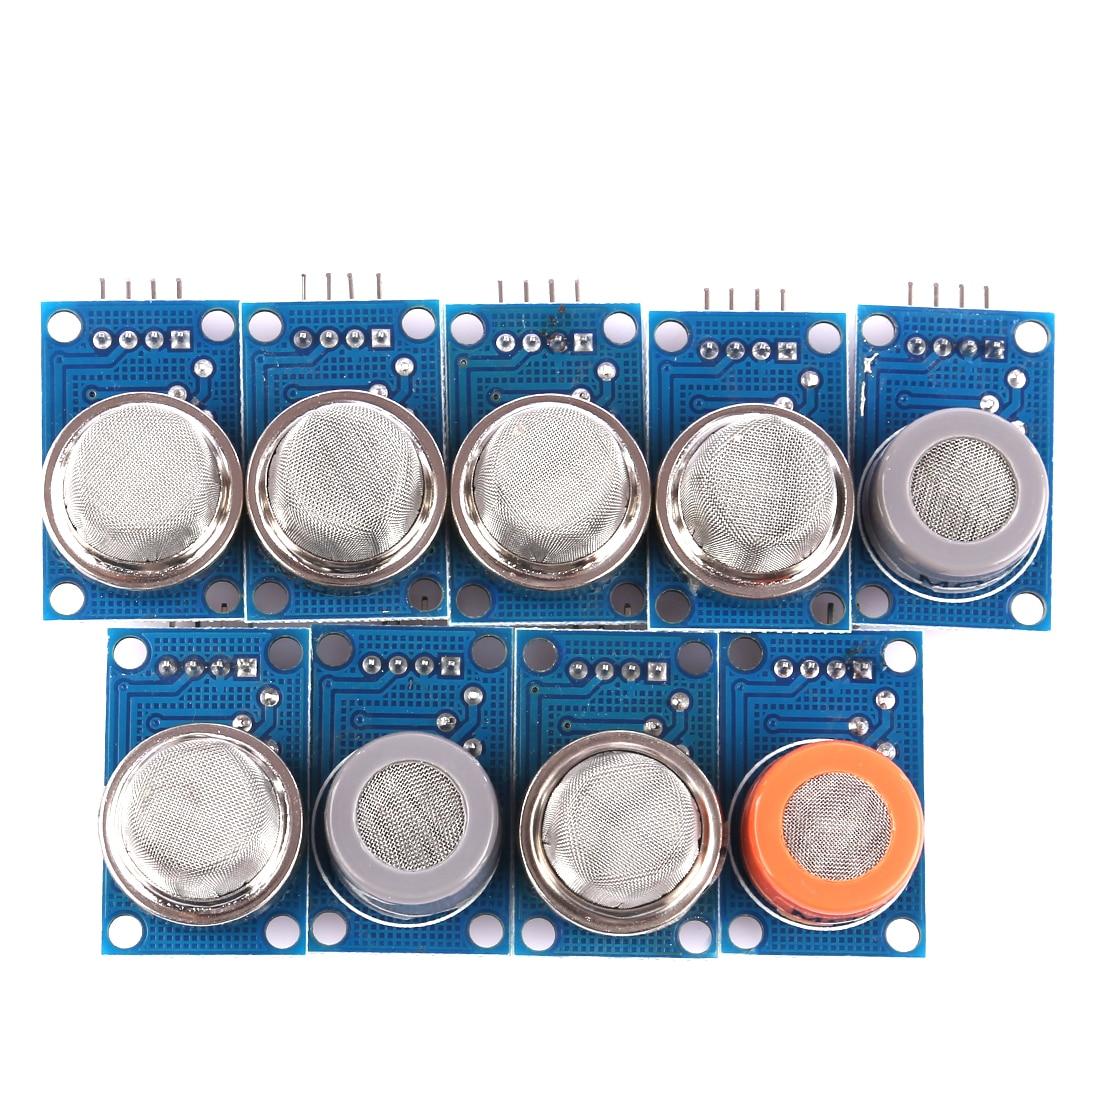 9Pcs Sensor Module Kit With MQ2 MQ-3 MQ-4 MQ-5 MQ-6 MQ-7 MQ-8 MQ-9 MQ-135 Sensor For Arduino